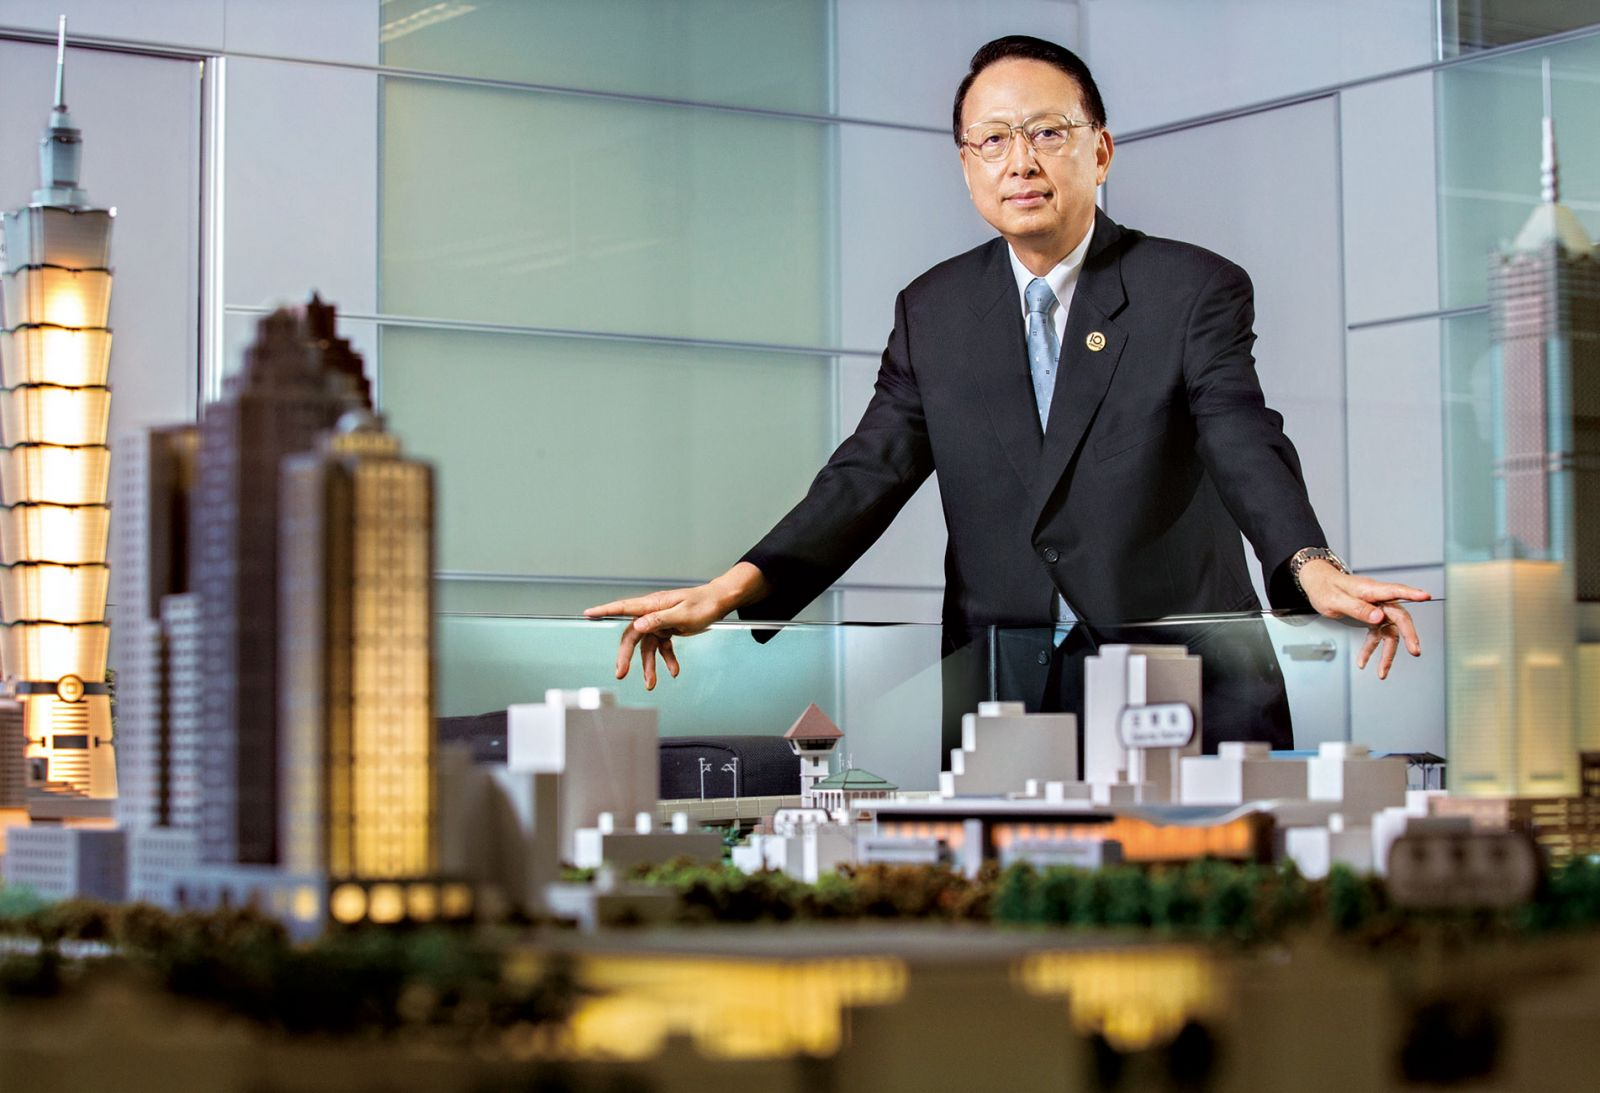 江耀宗掌高鐵一年  破產危機掰了嗎?